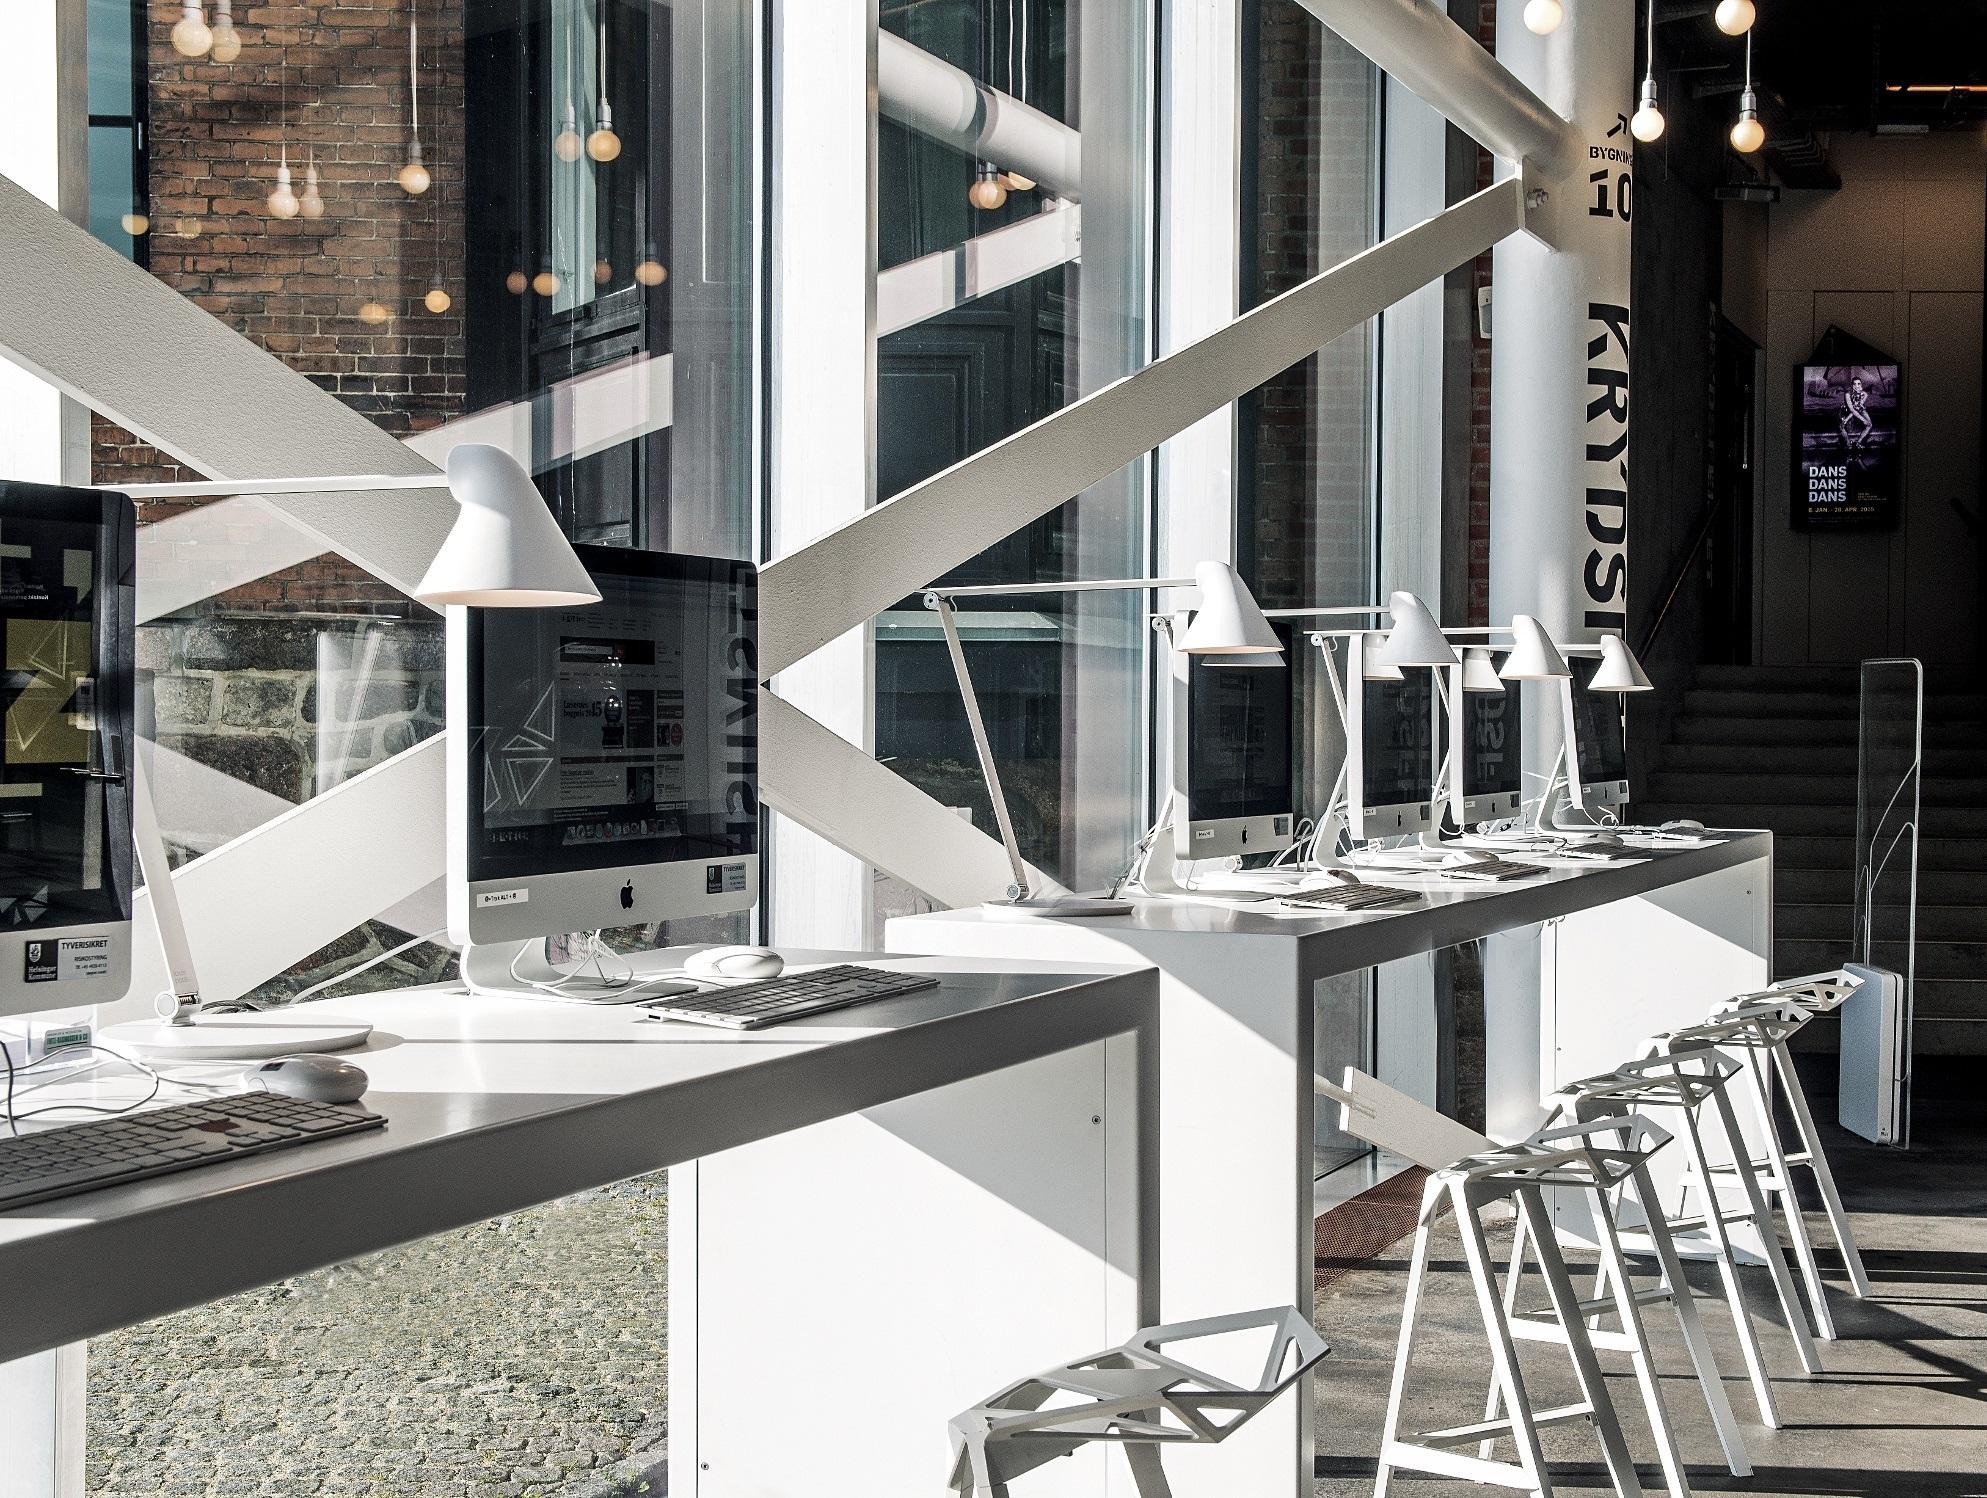 Lichtplanung Arbeitsplatz Fensterfront